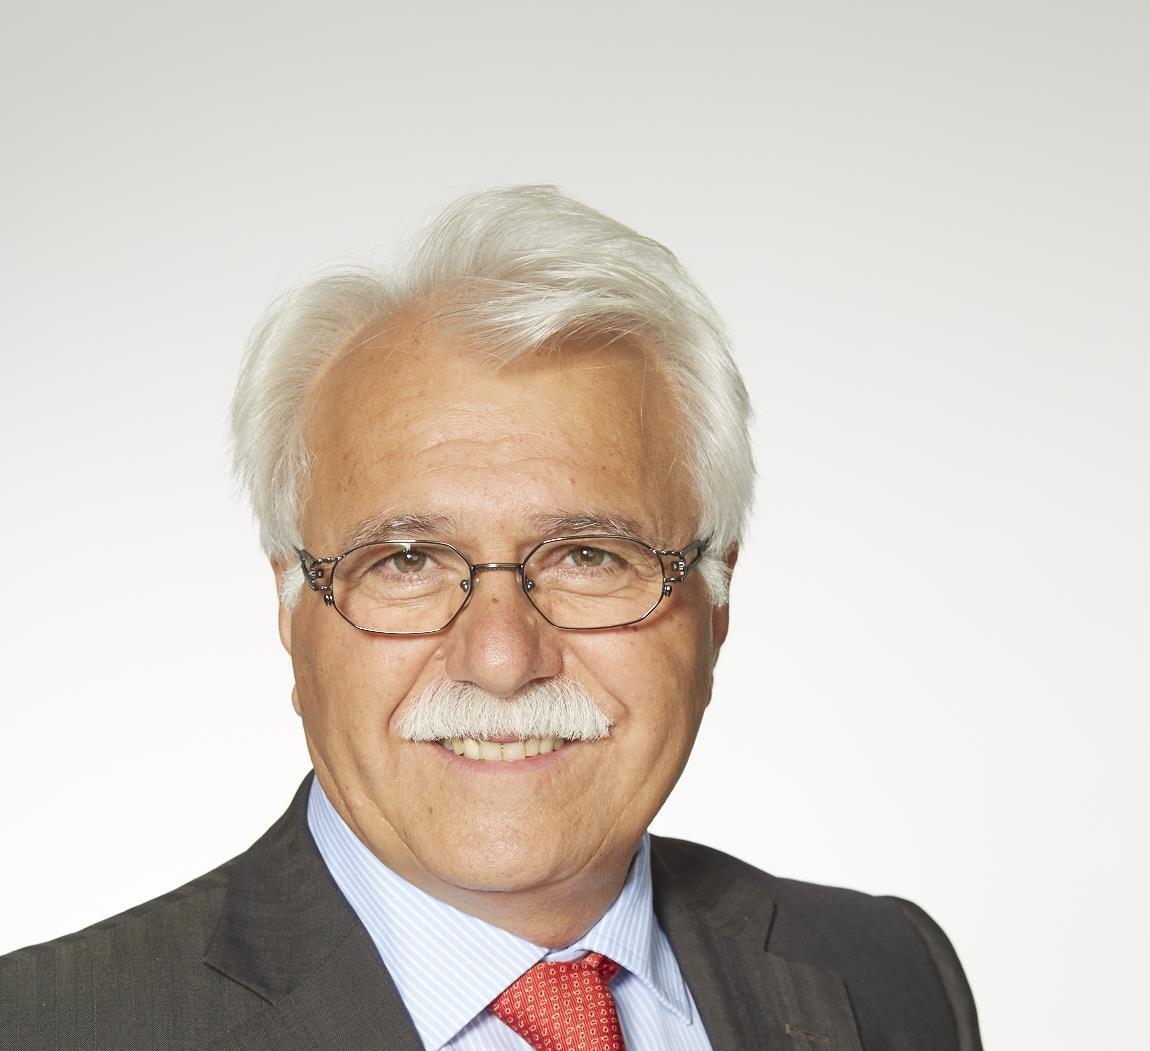 Soll den Wahlkreis Waldshut/Rheinfelden wieder im Landtag vertreten: Hidir Gürakar MdL